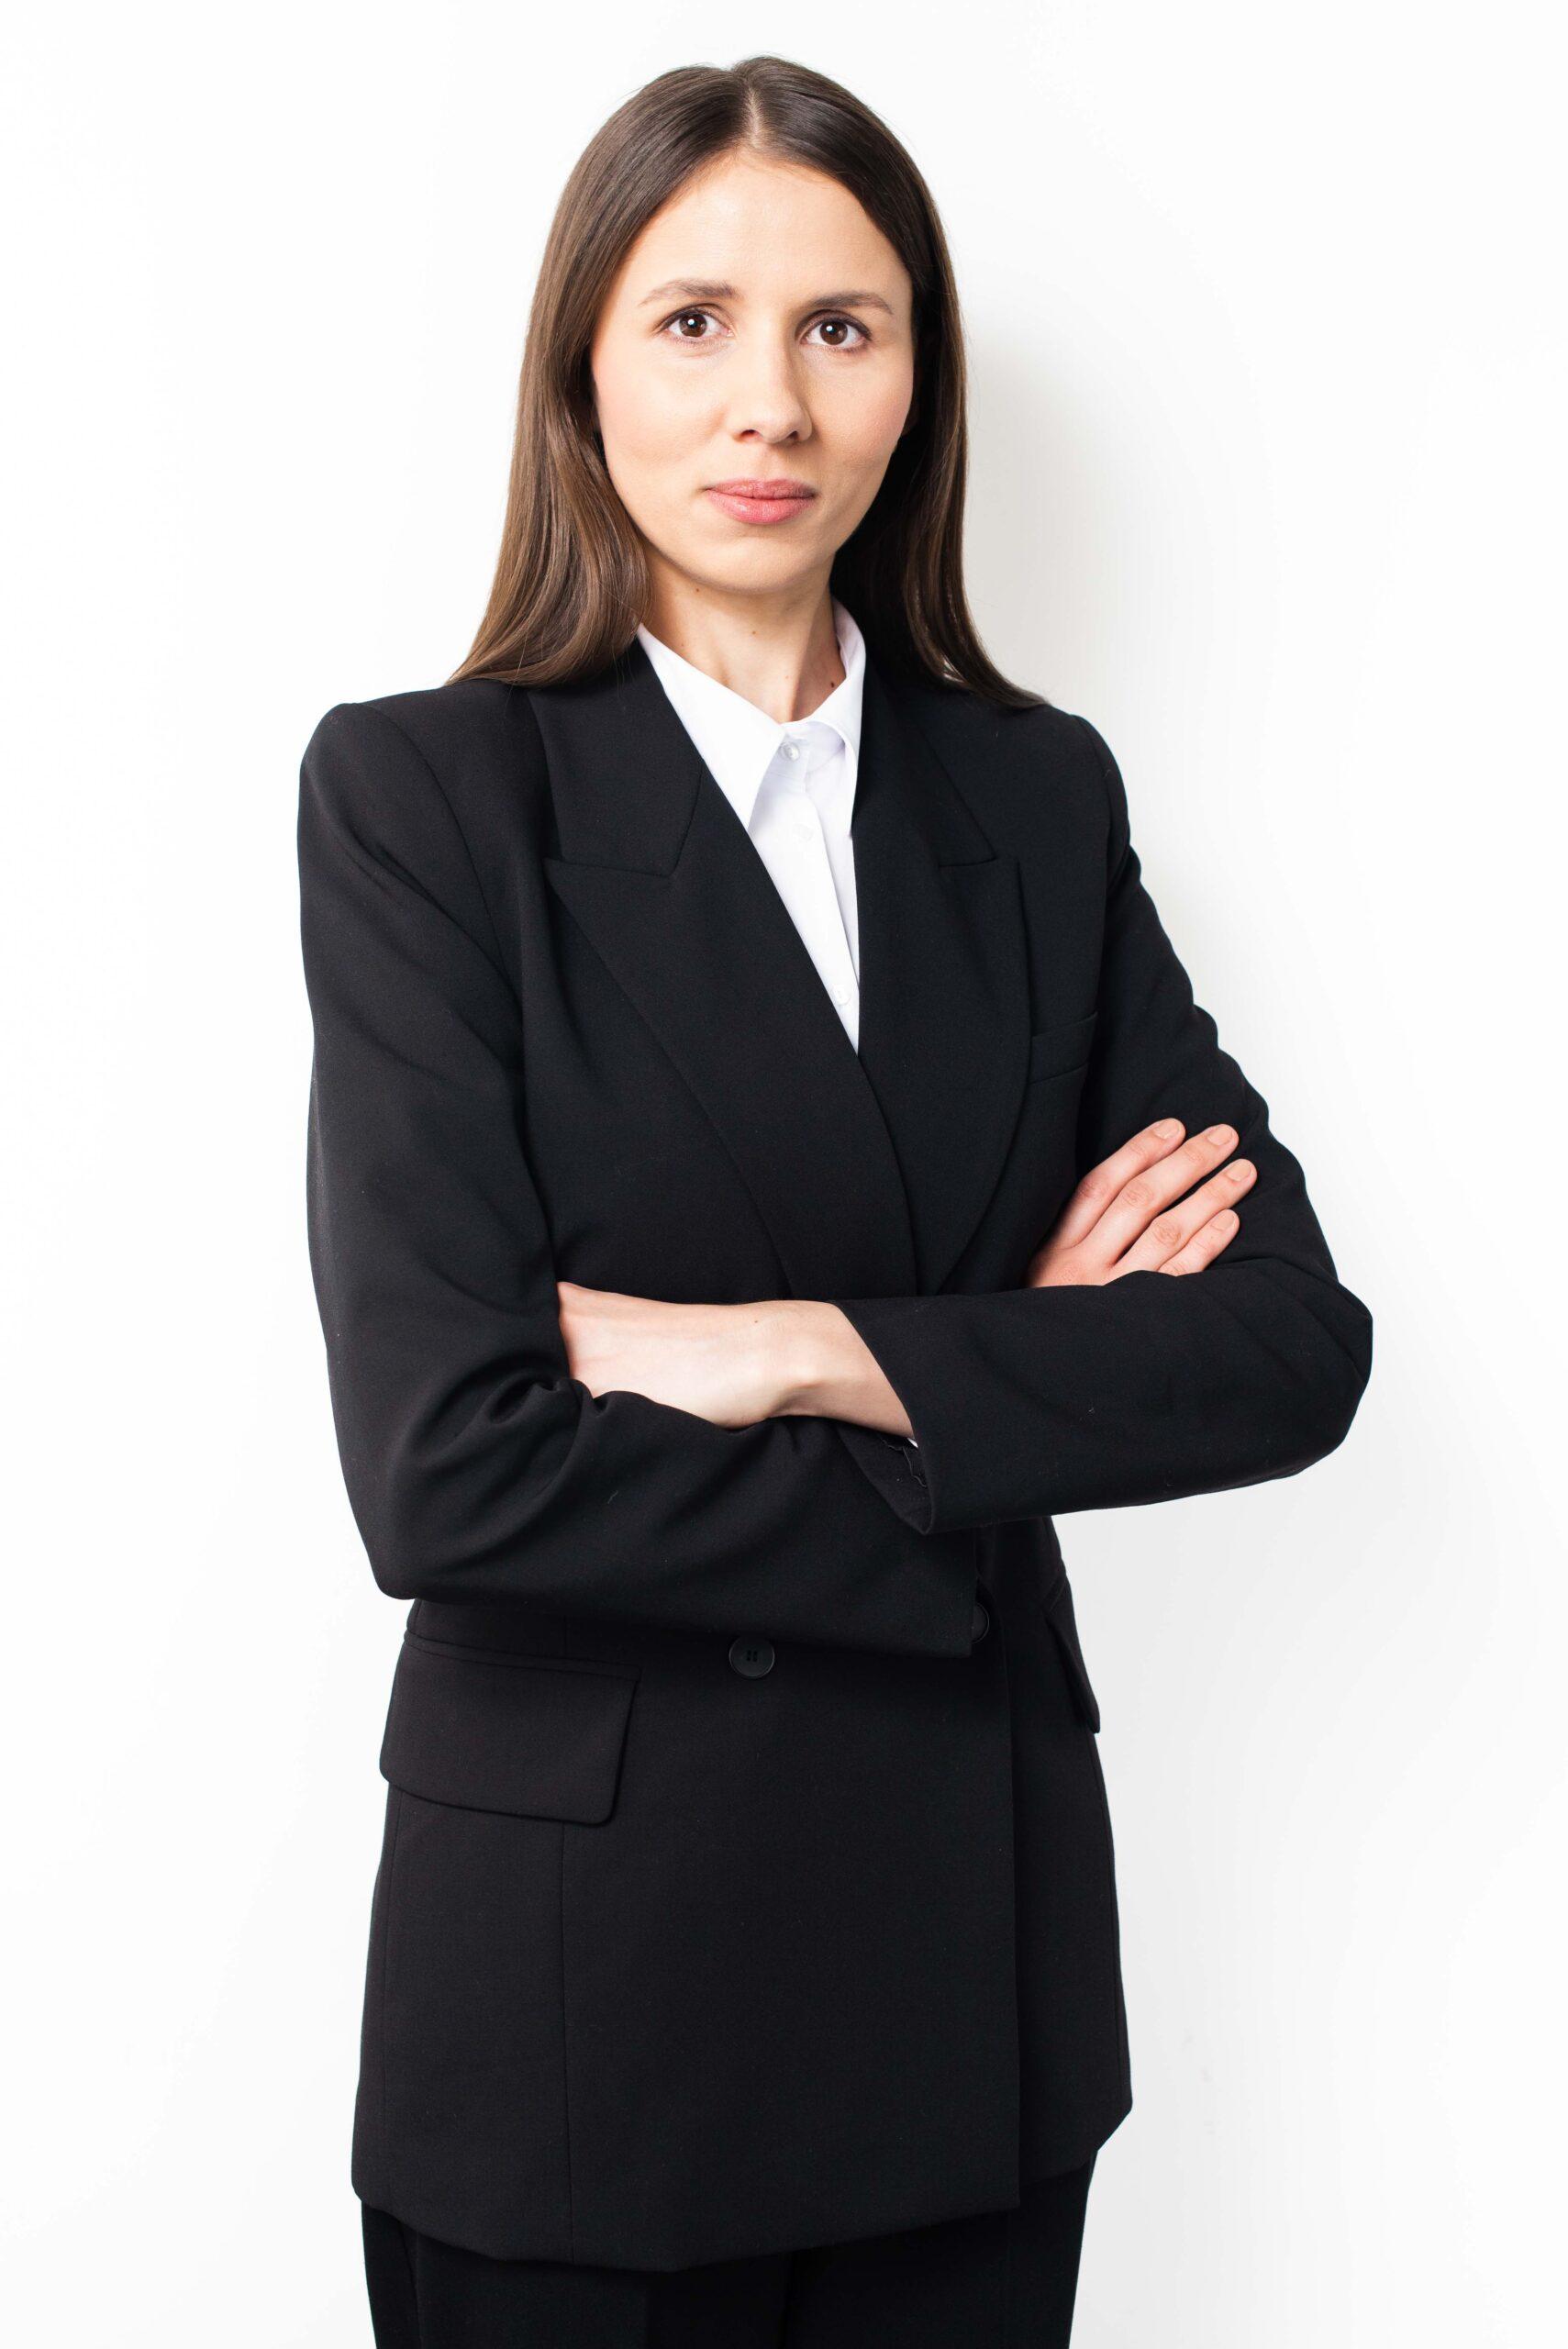 Katarzyna Giel